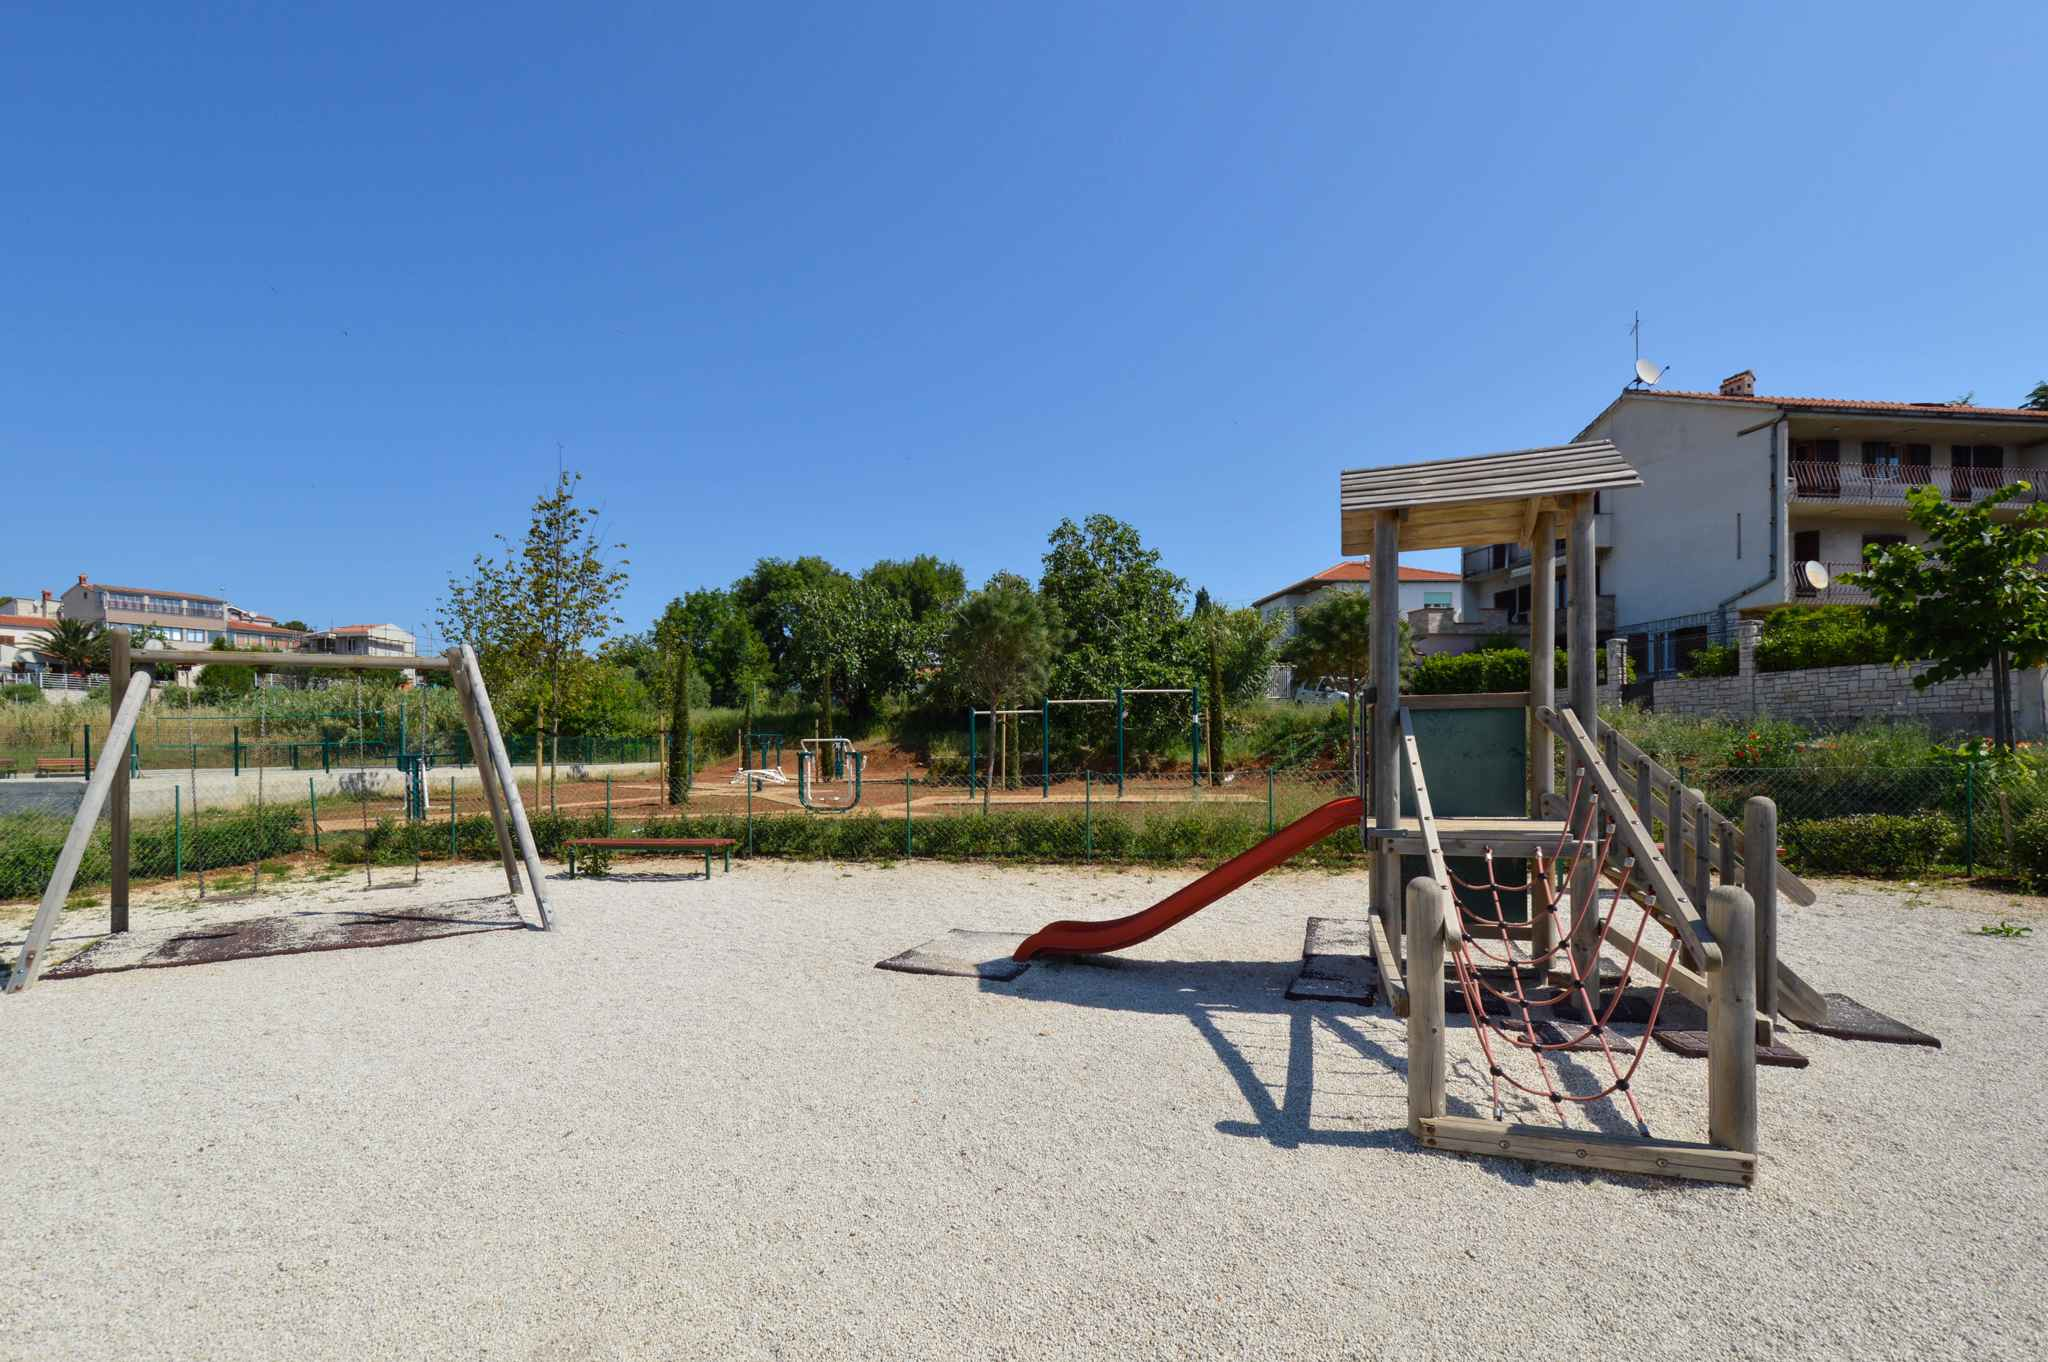 Ferienwohnung in ruhiger Lage (280677), Pula, , Istrien, Kroatien, Bild 15